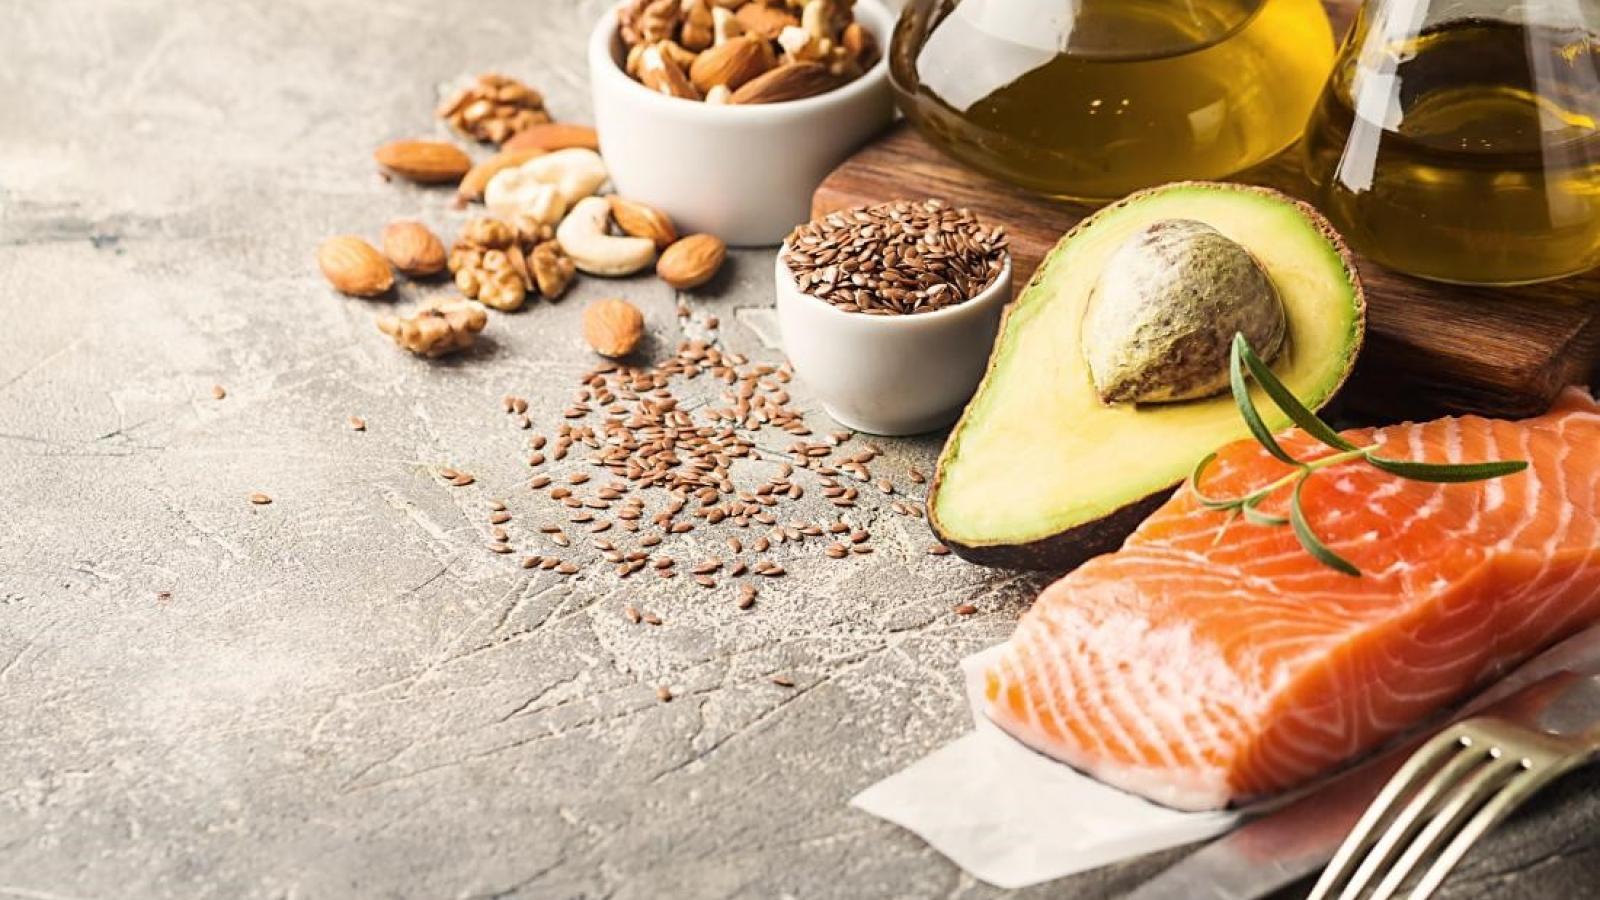 9 cách tự nhiên giúp giảm cân an toàn và nhanh chóng